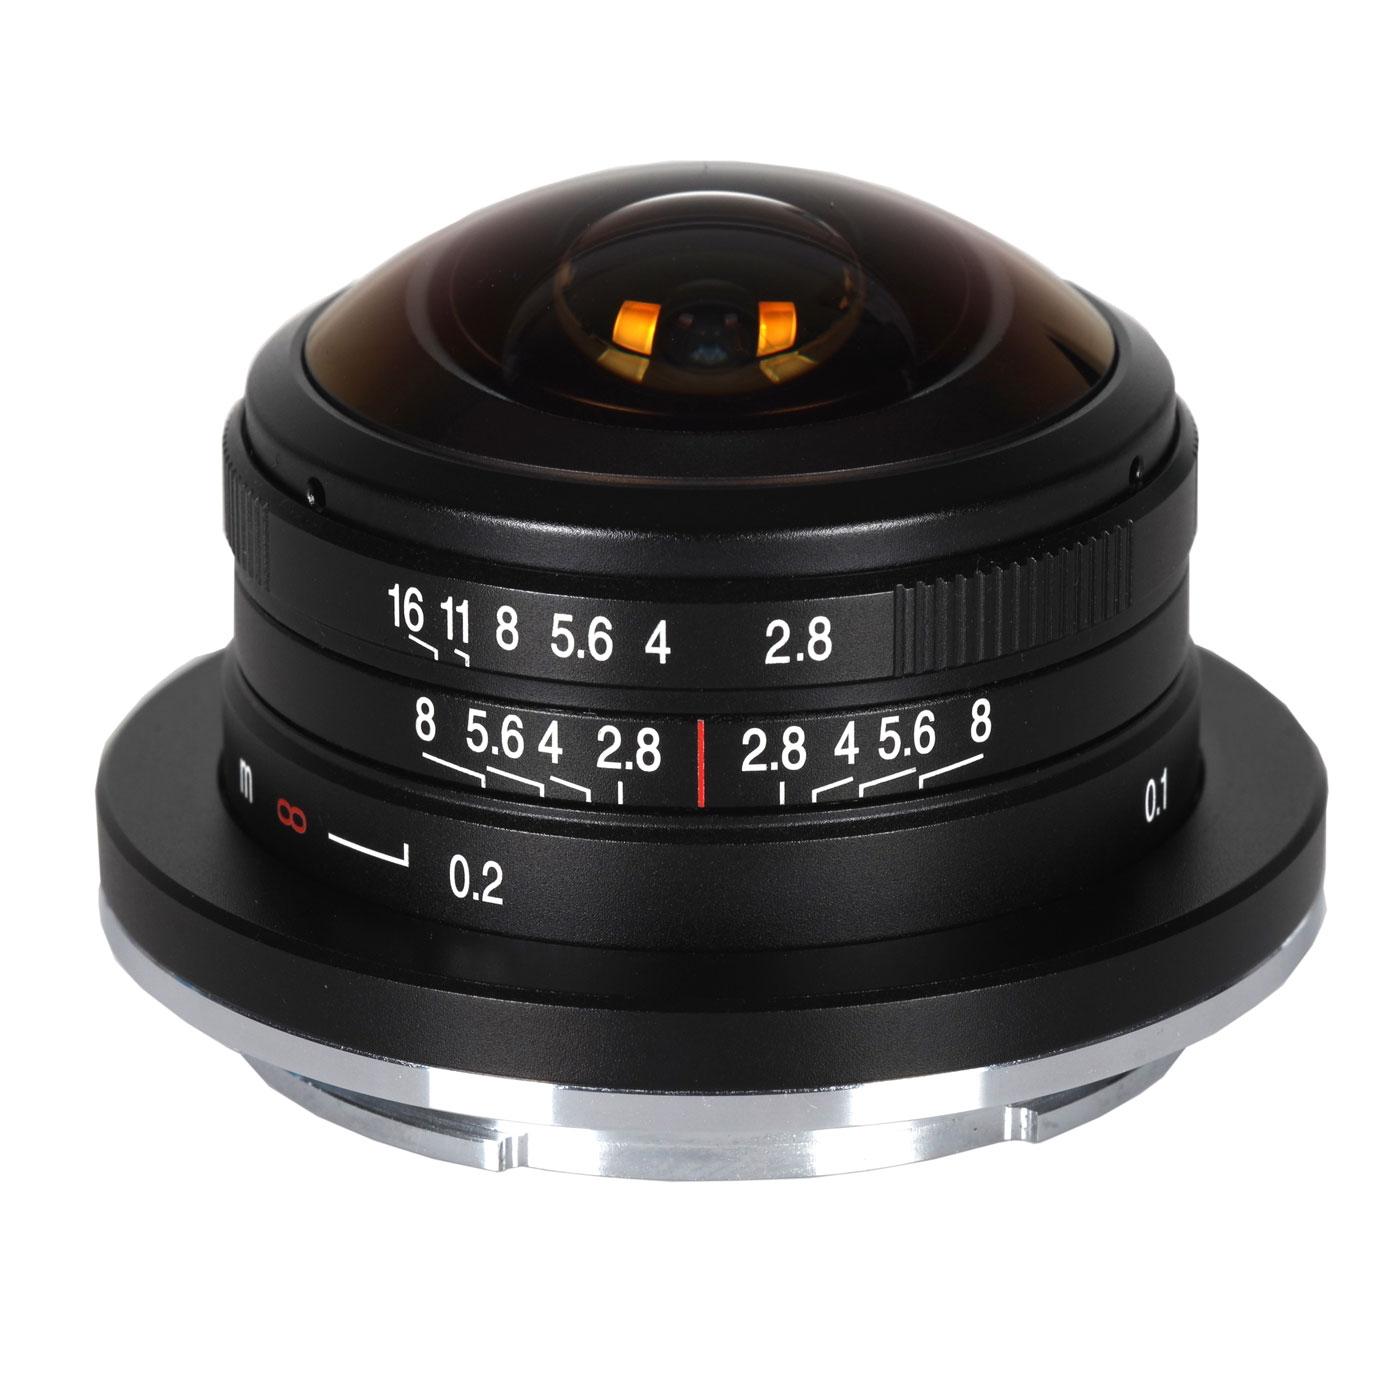 Laowa 4 mm 1:2,8 Fisheye für Sony E